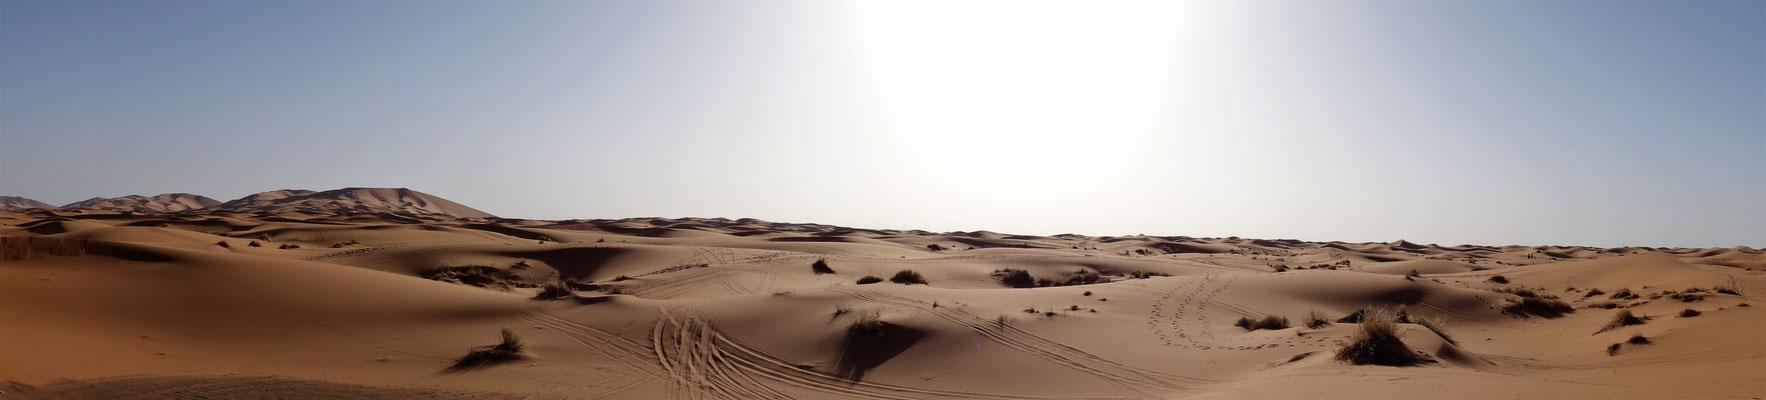 Panoramabild von der Sahara